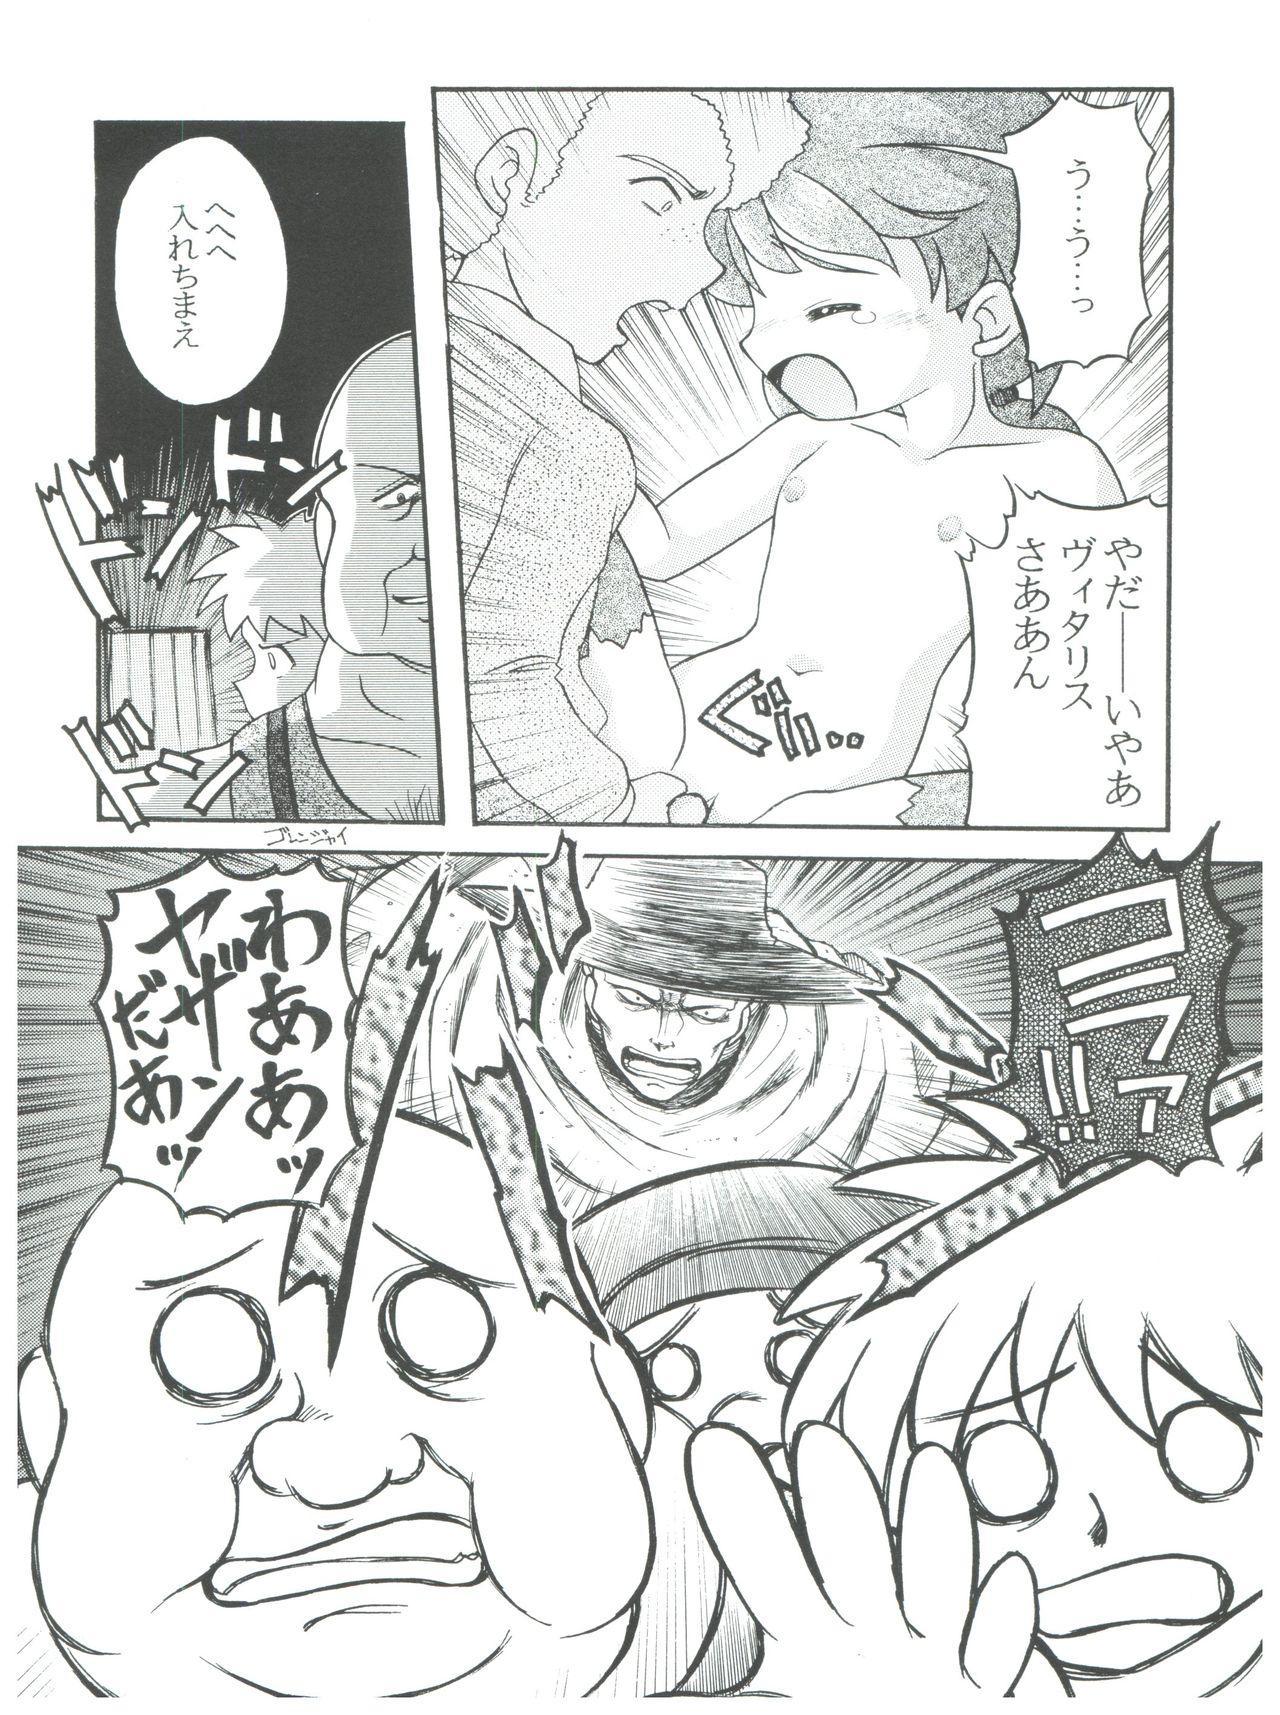 [Sairo Publishing (J. Sairo) En-Jack 2 (Various) 87